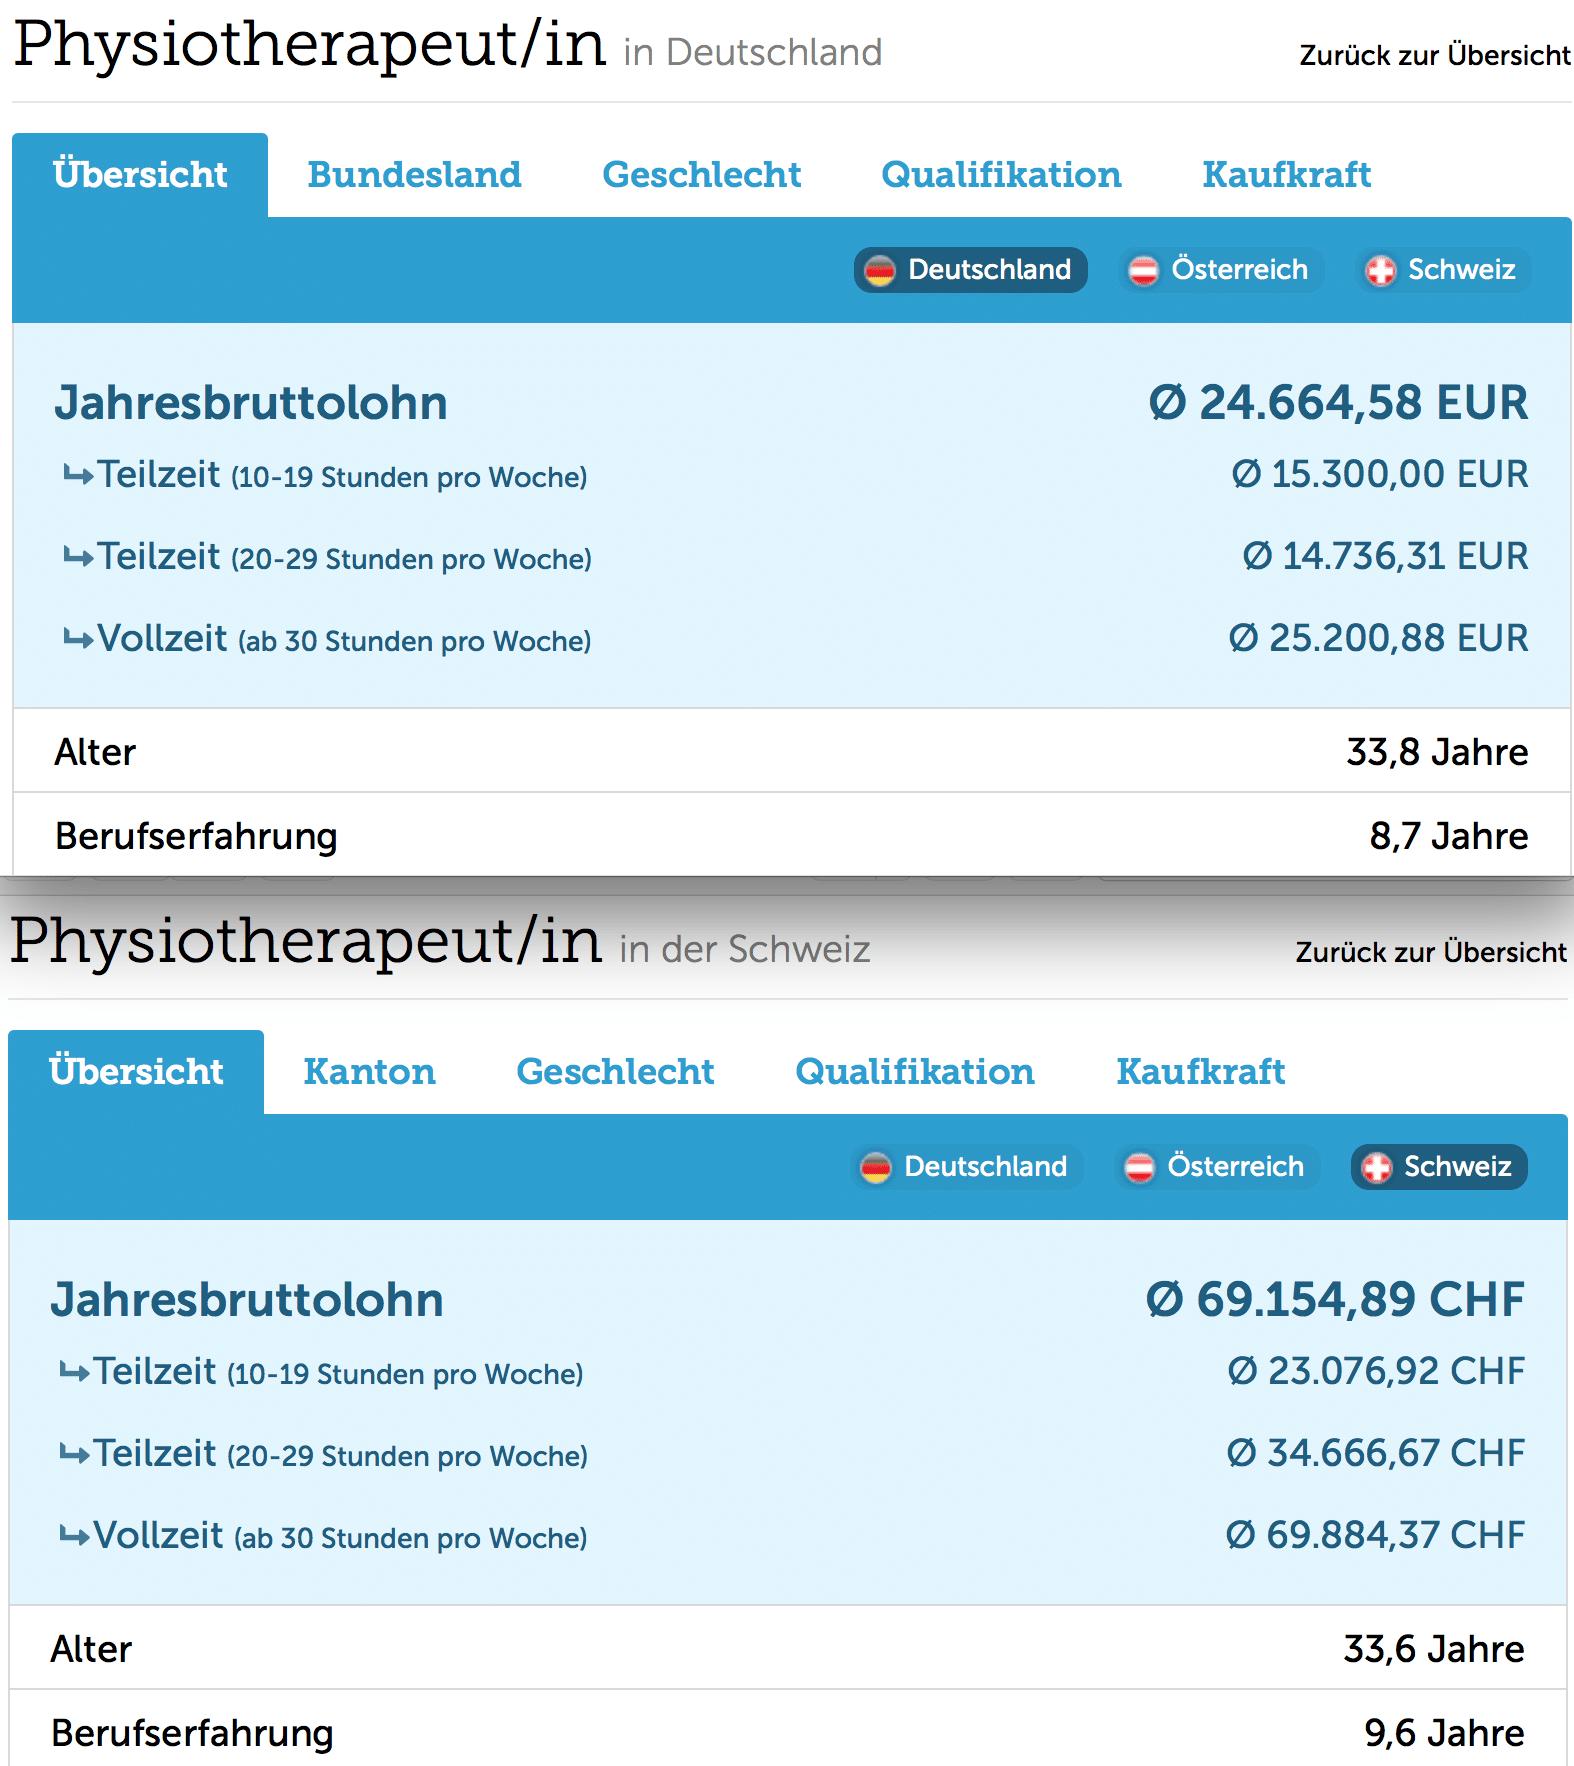 gehalt-physiotherapeut-deutschland-schweiz